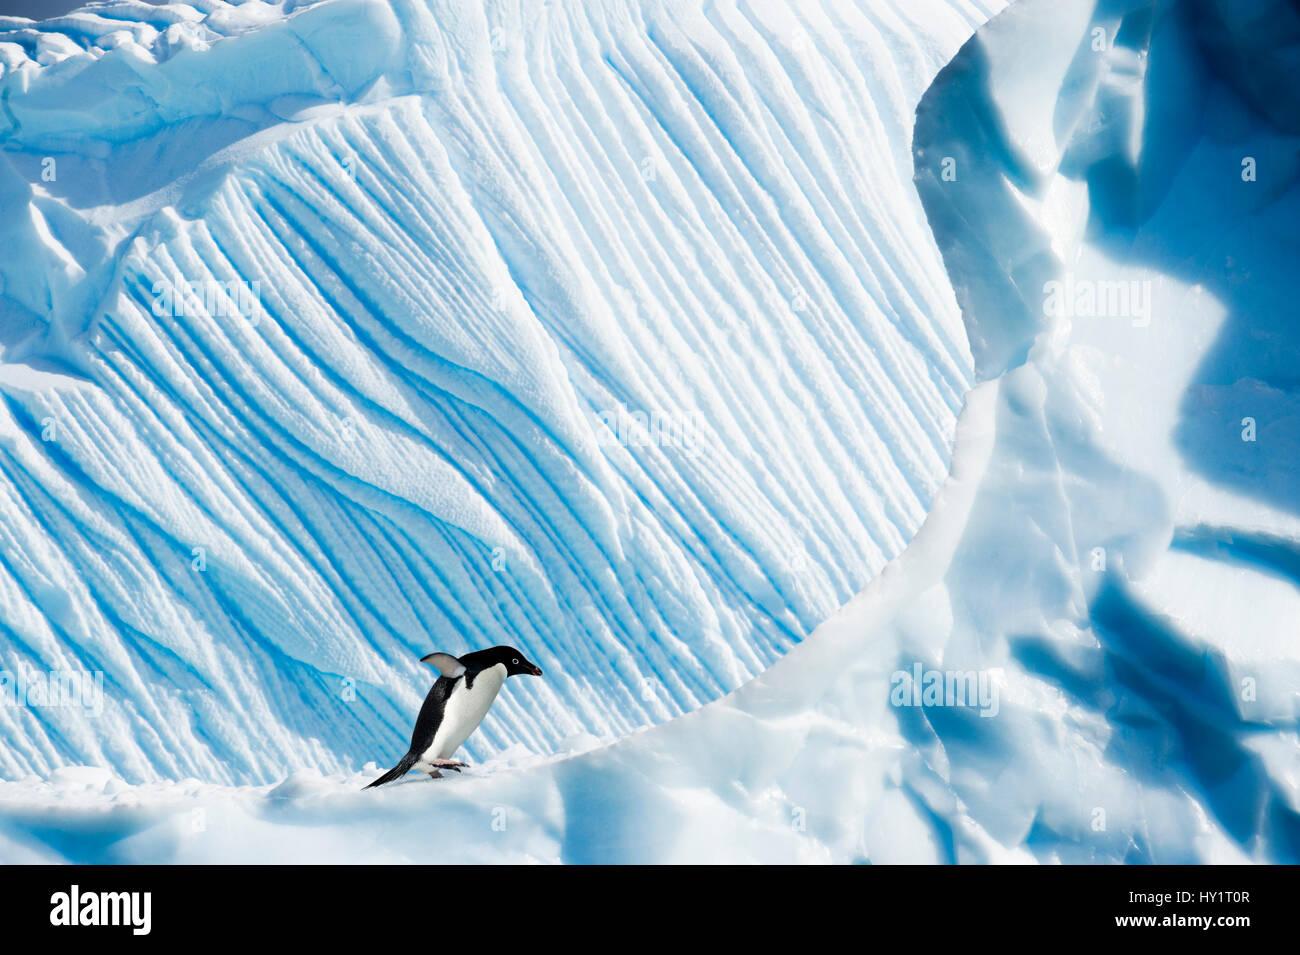 Pingüinos Adelia (Pygoscelis adeliae) en un iceberg. Islas Yalour, Península Antártica, en la Antártida. Imagen De Stock